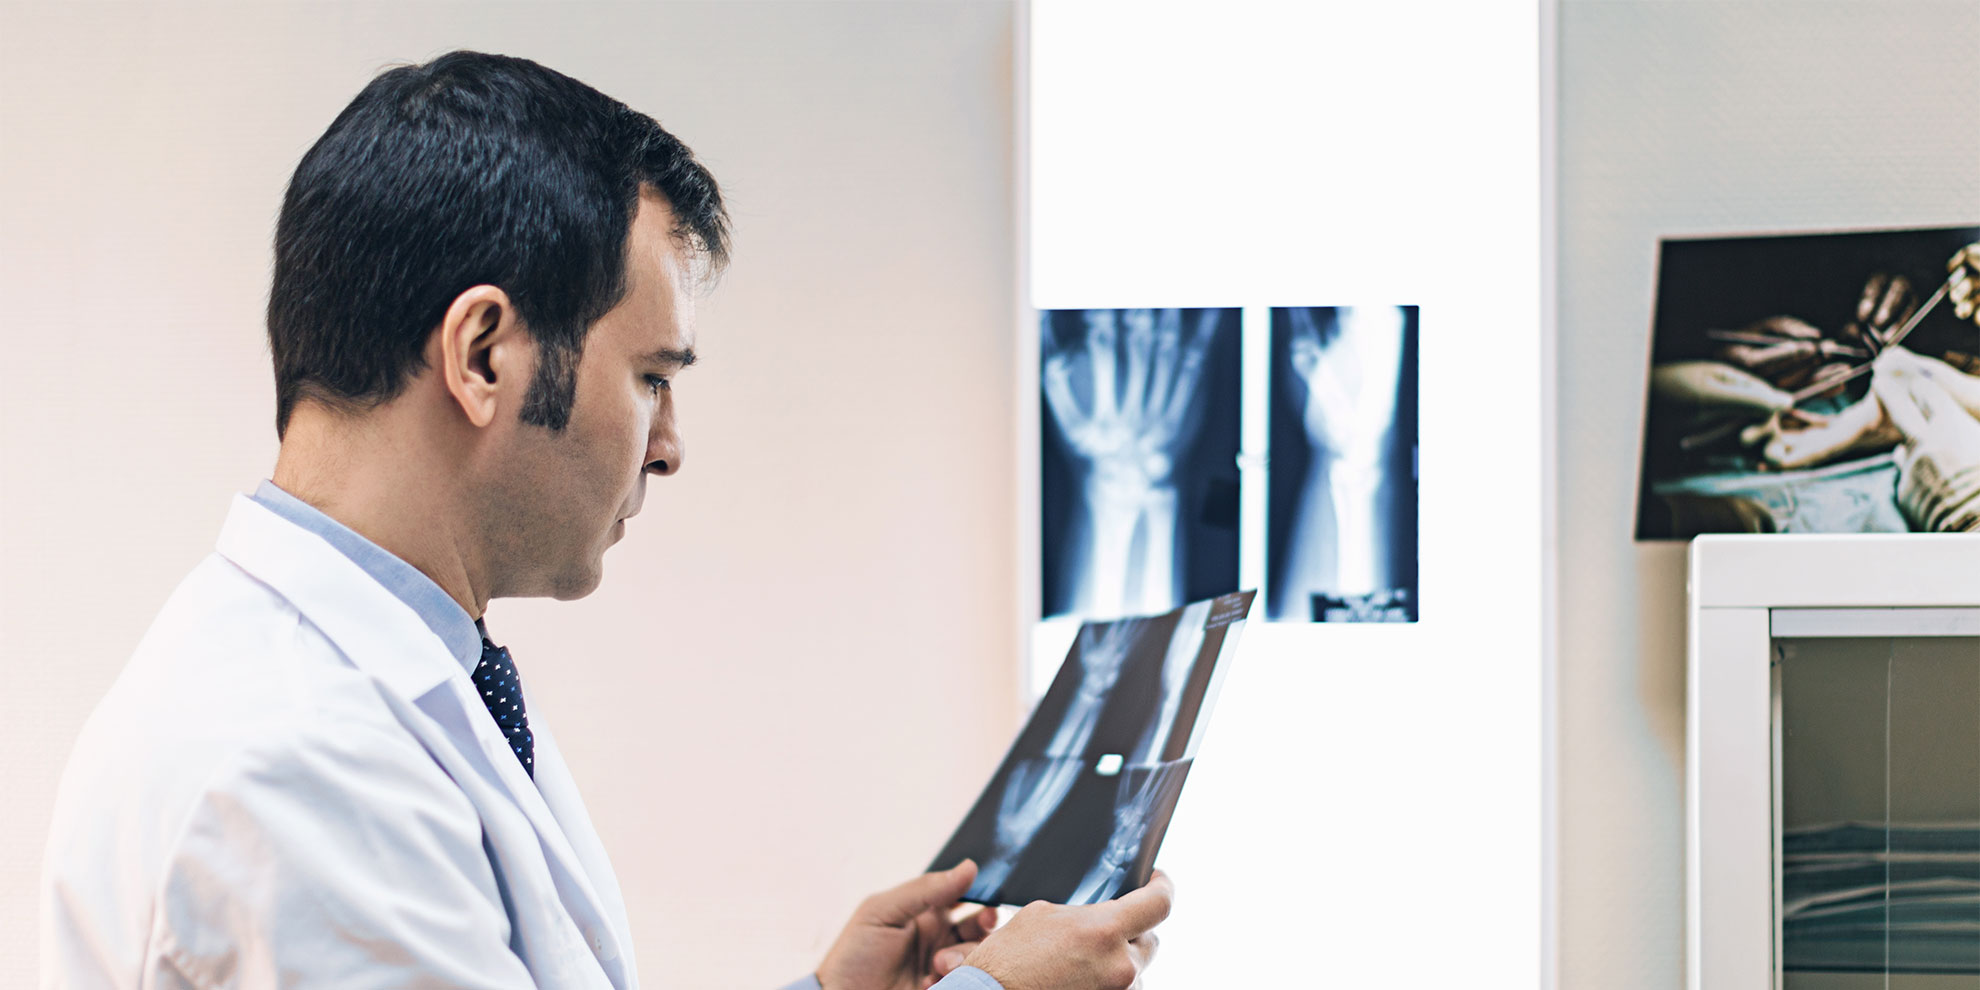 Cirujano de mano. Cirujano ortopédico y traumatólogo.